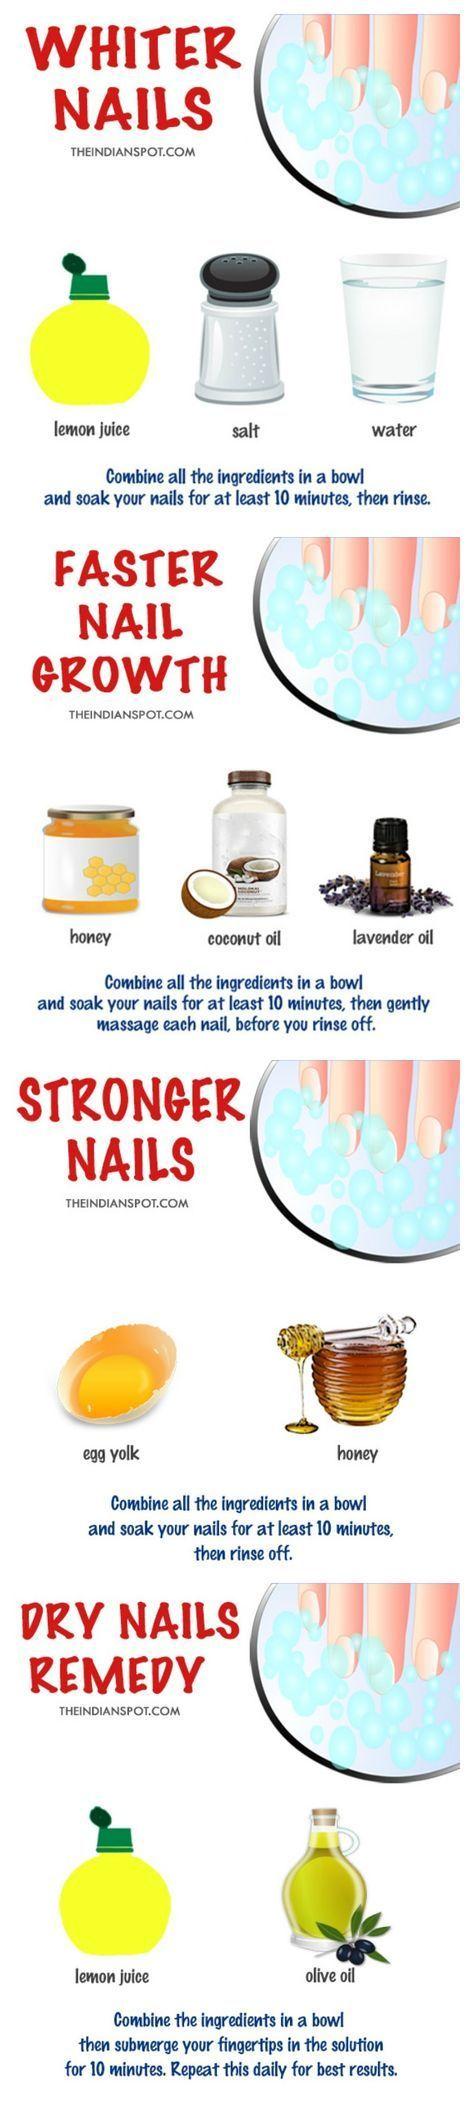 DIY natural nail treatments.